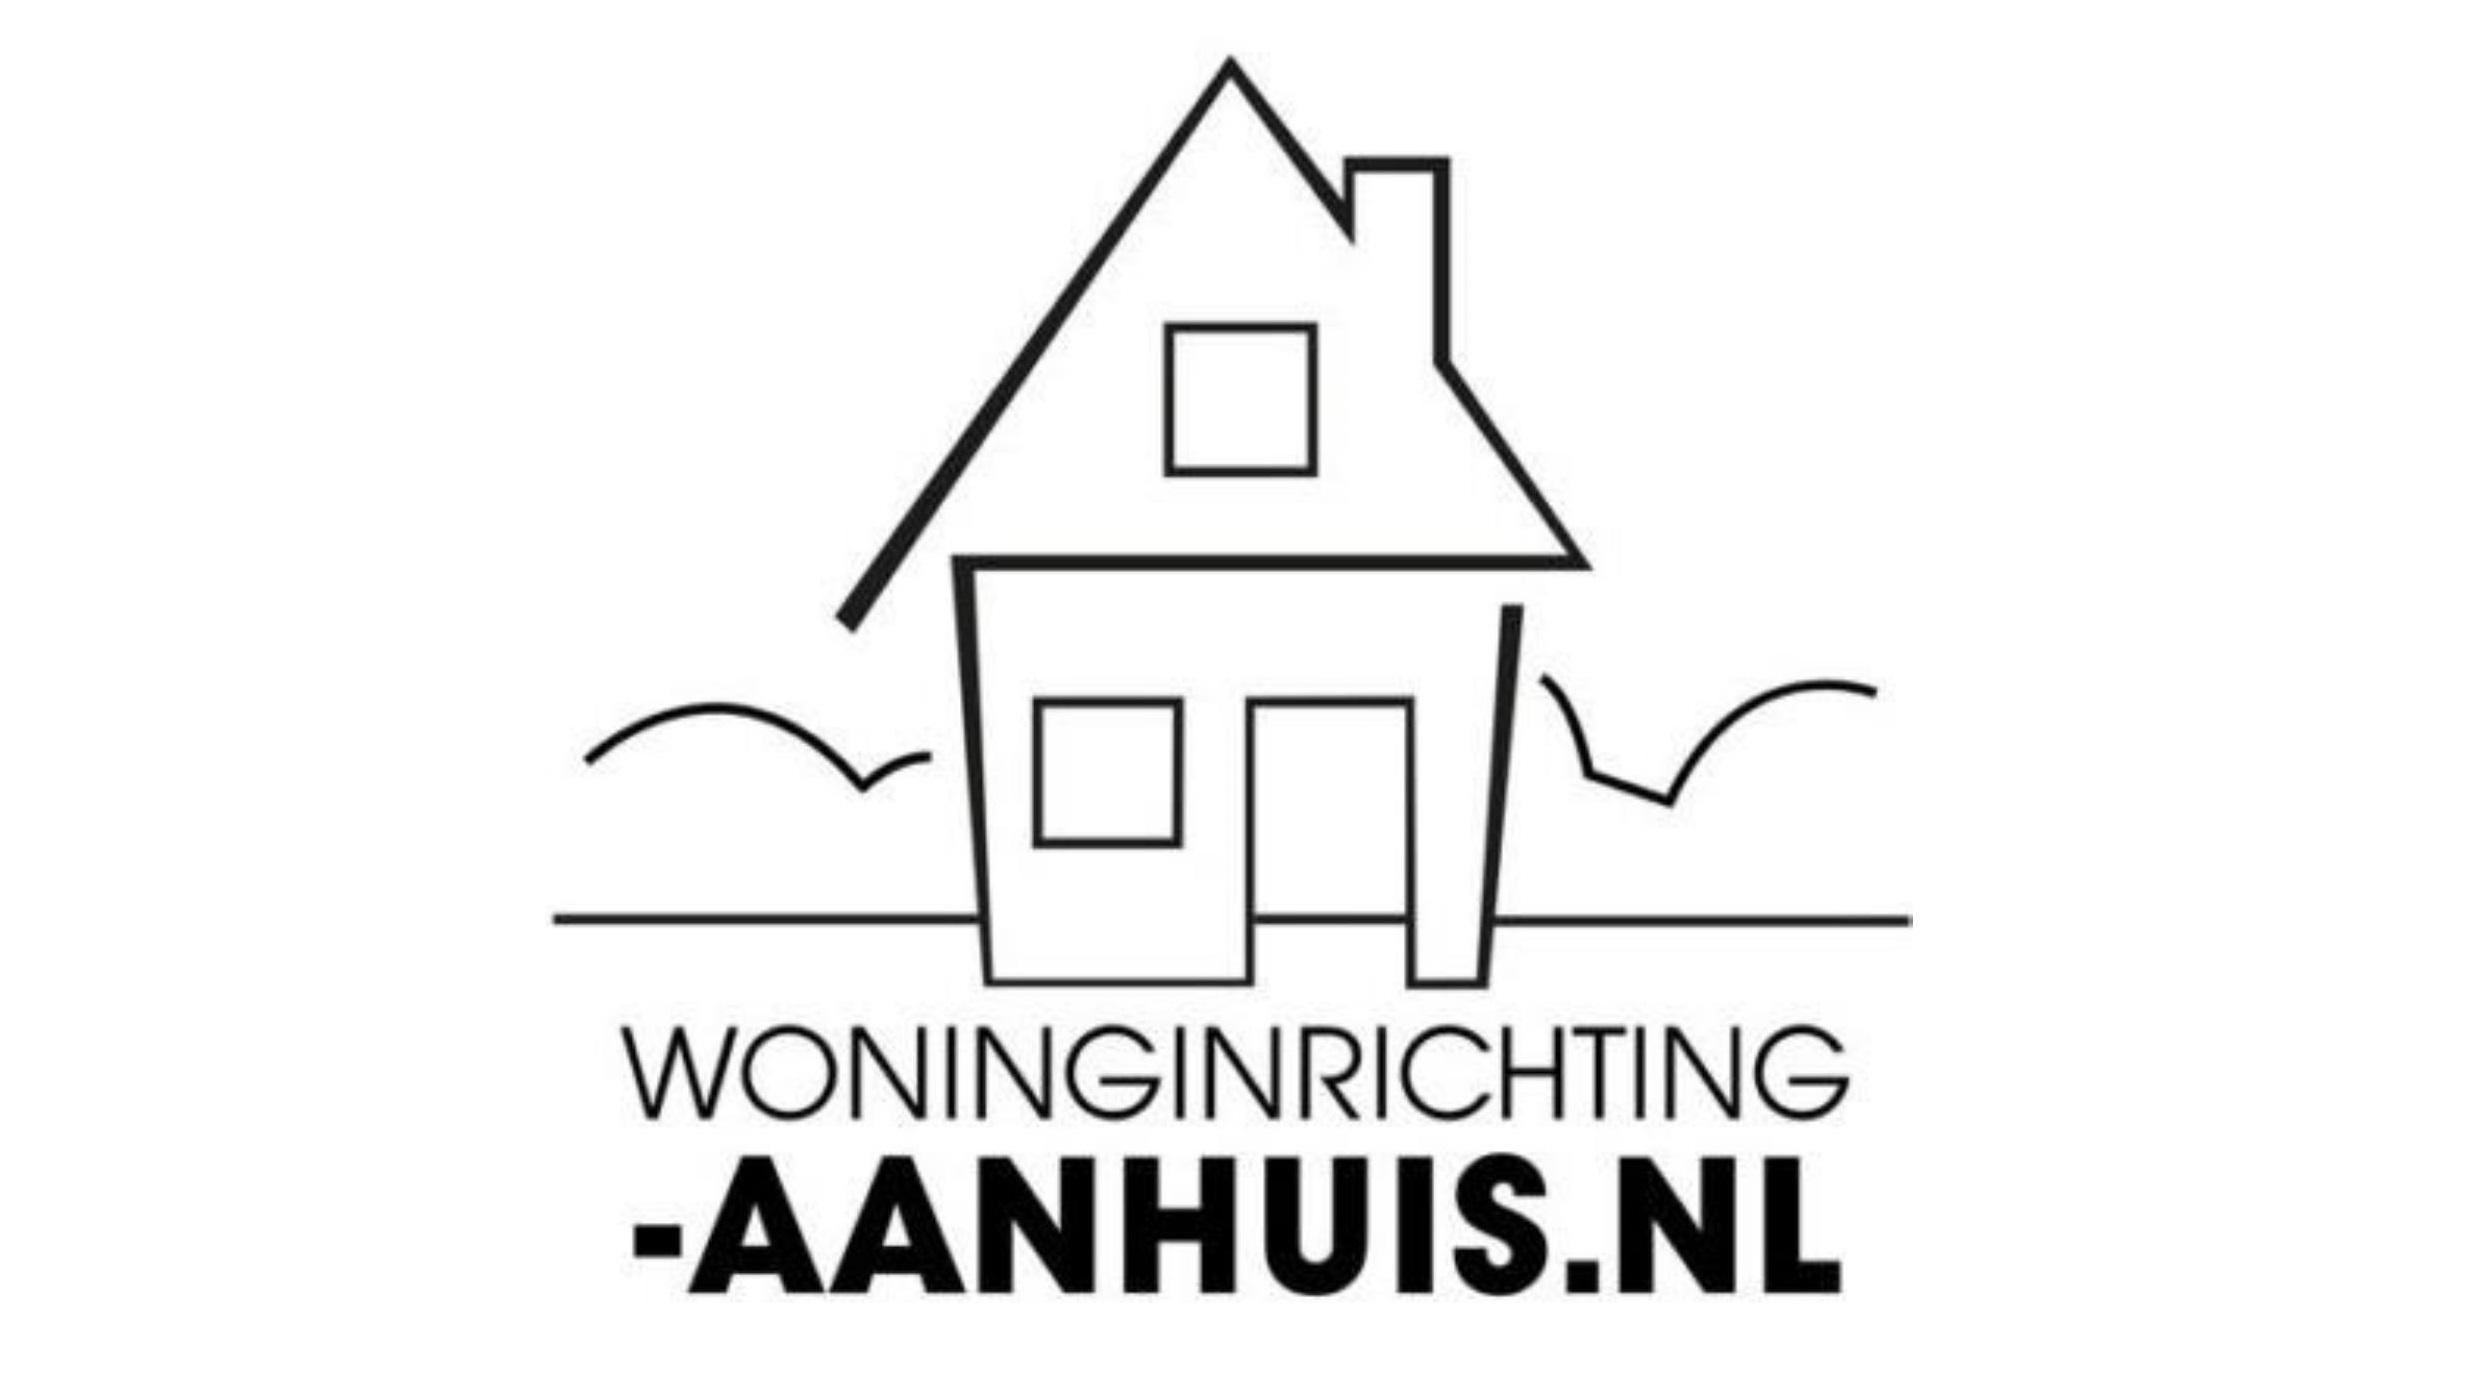 Woninginrichting Aanhuis